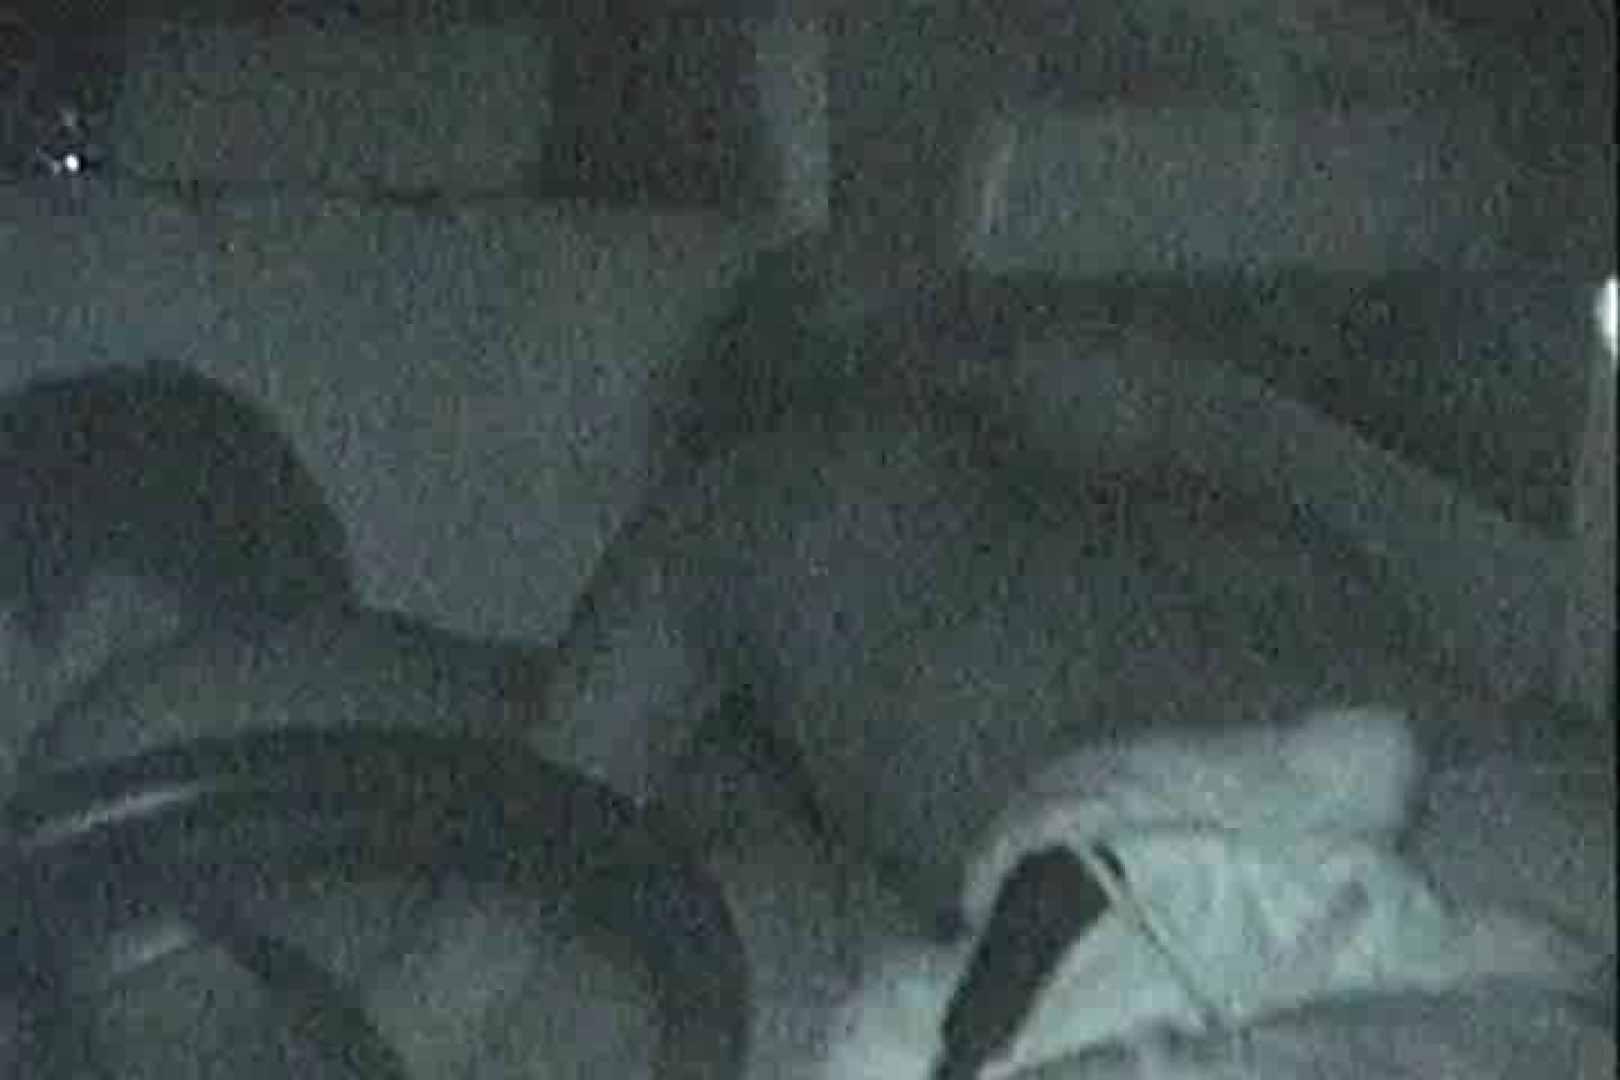 充血監督の深夜の運動会Vol.18 セックス ヌード画像 109pic 17